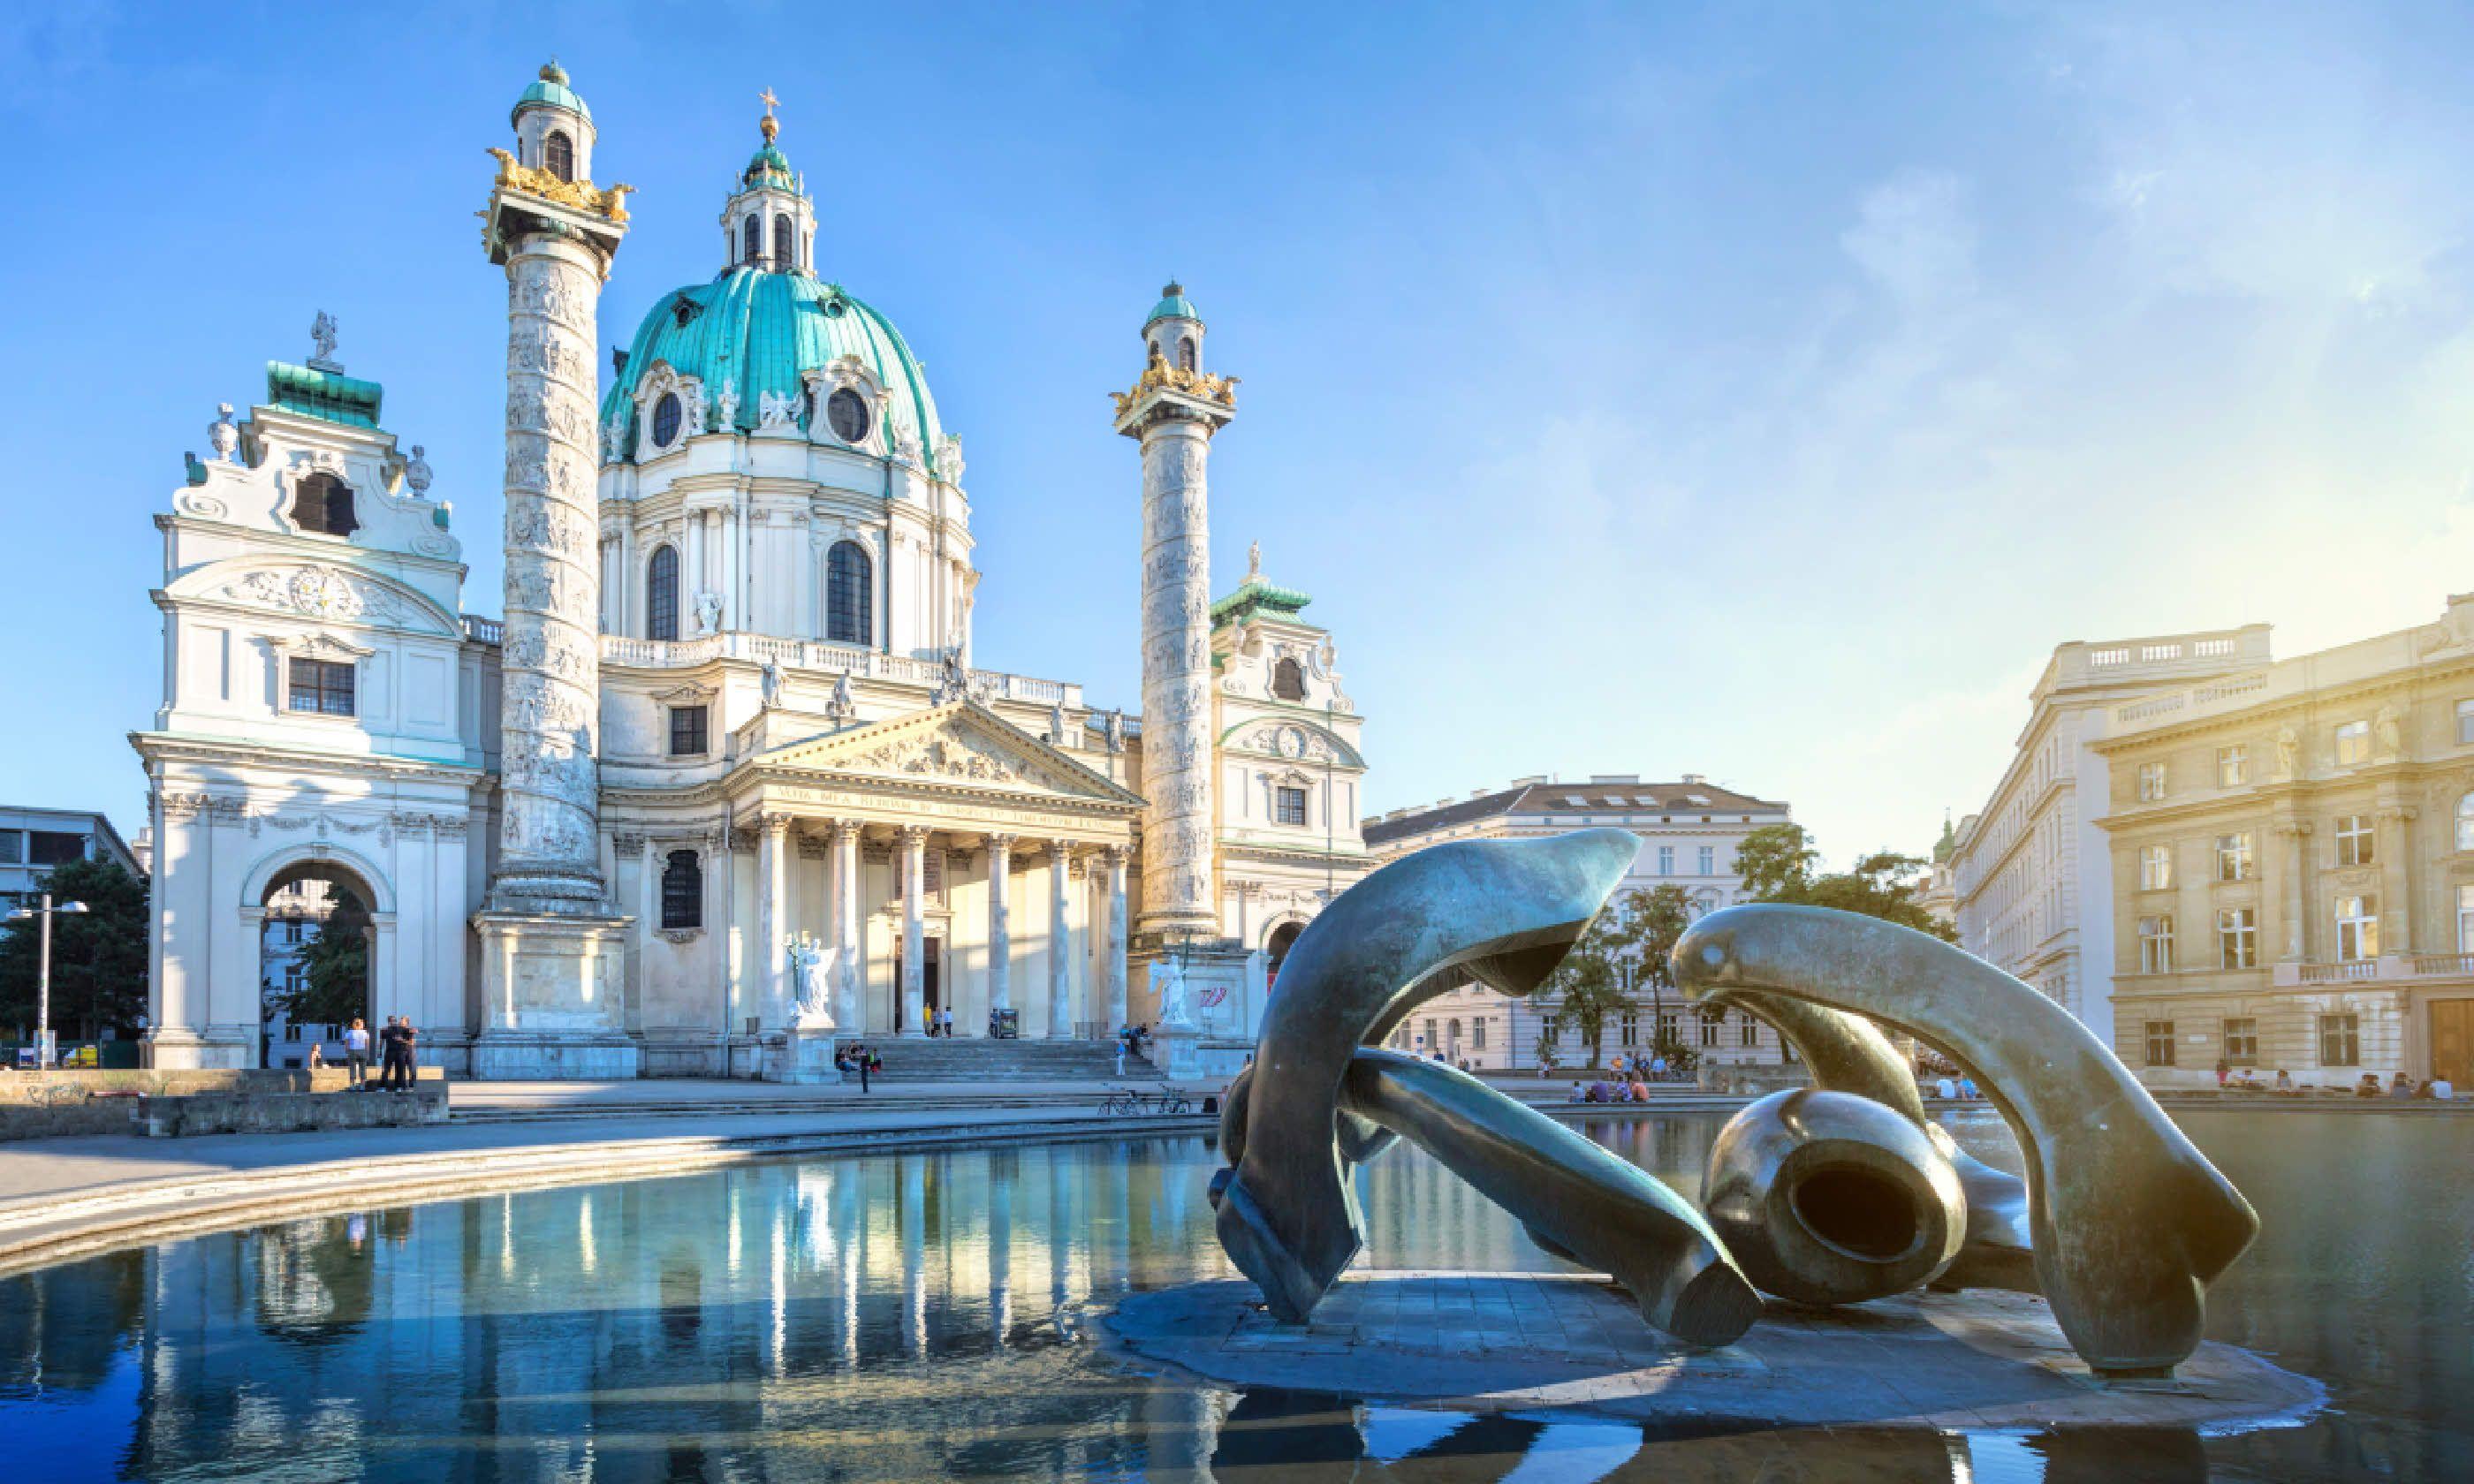 St. Charles's Church in Vienna, Austria (Shutterstock)